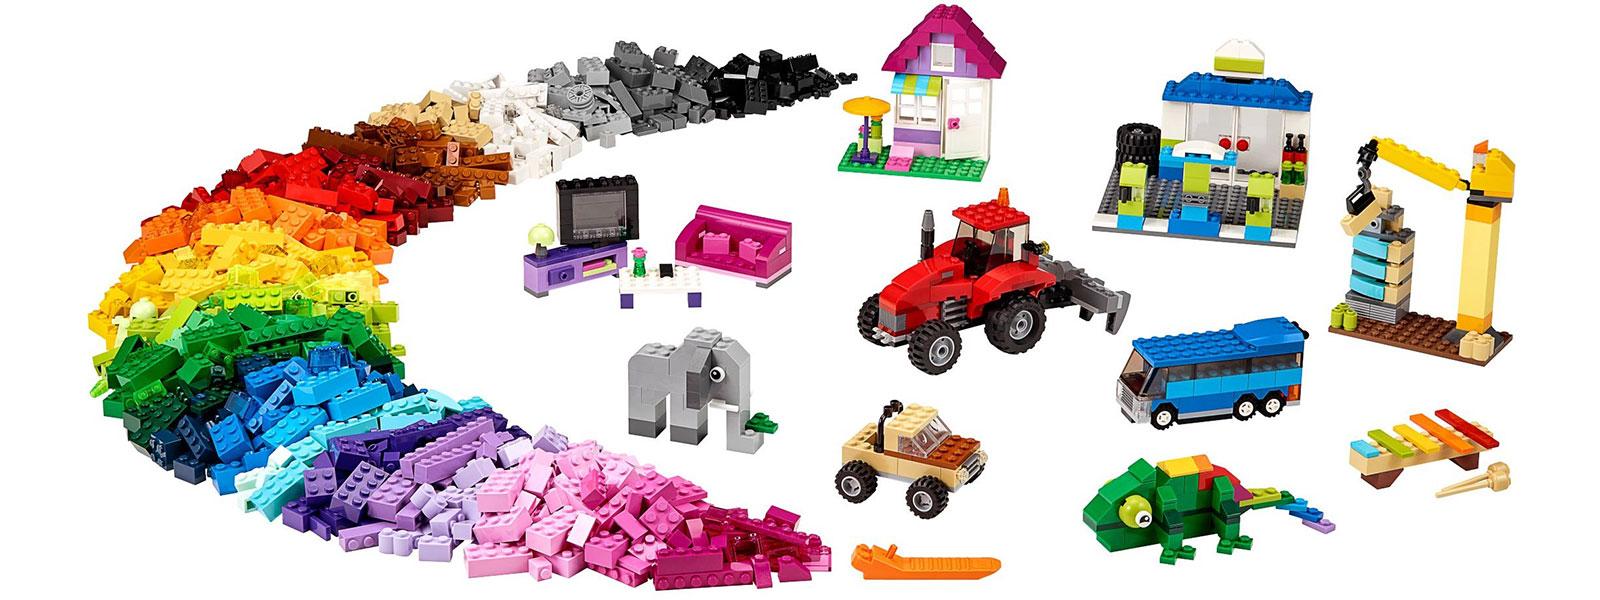 Lego Classic 2015